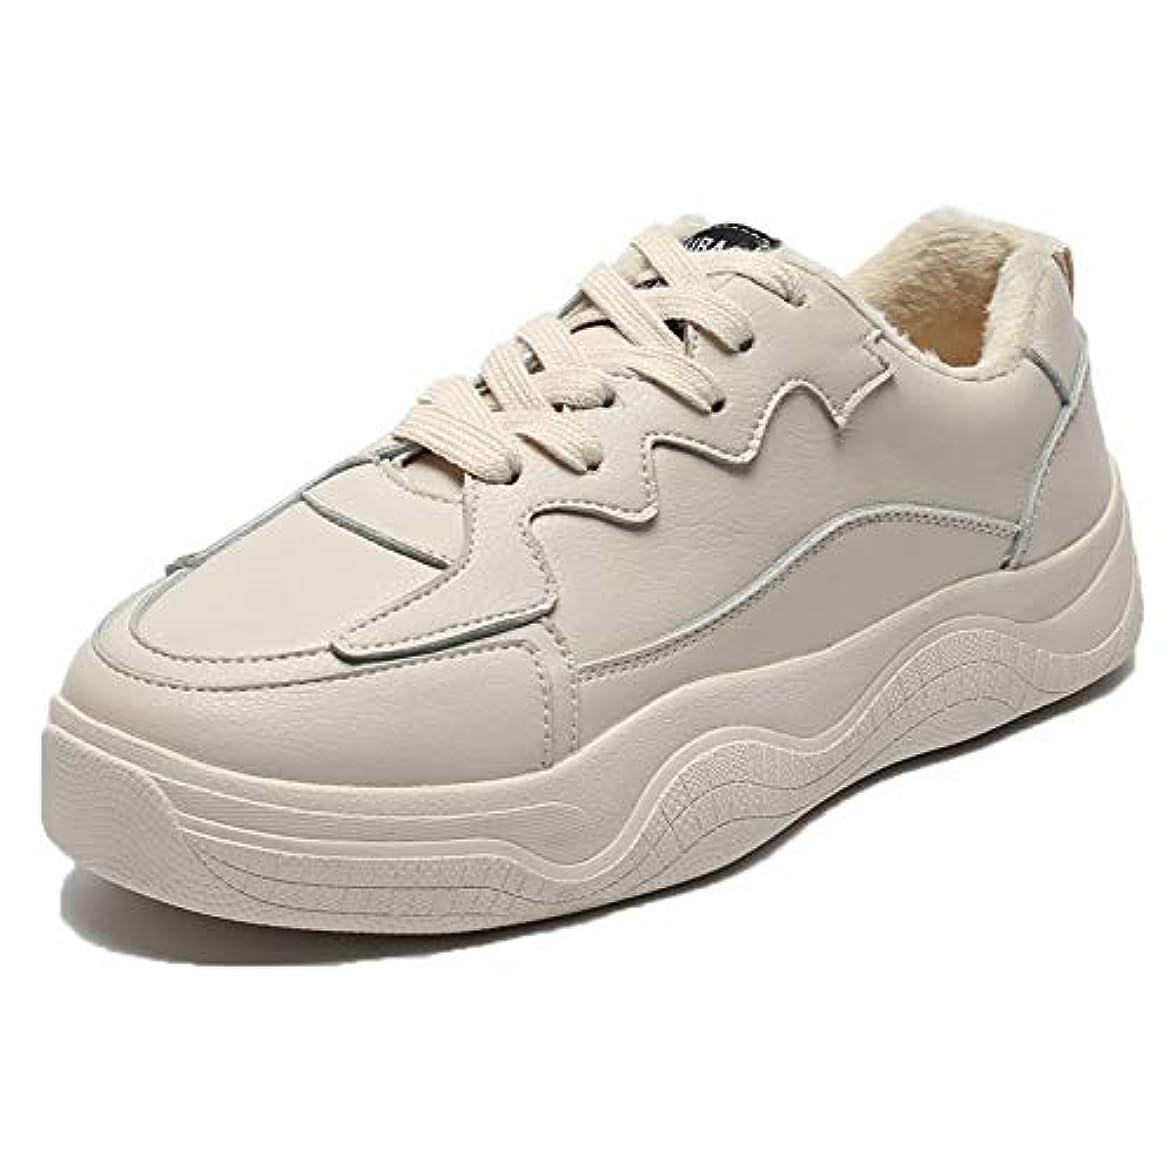 Simplec Sneakers Scarpe Da Corsa Sport Cuoio Morbido Donna Foderato Invernali Piatto Neve Più Velluto Stivaletti